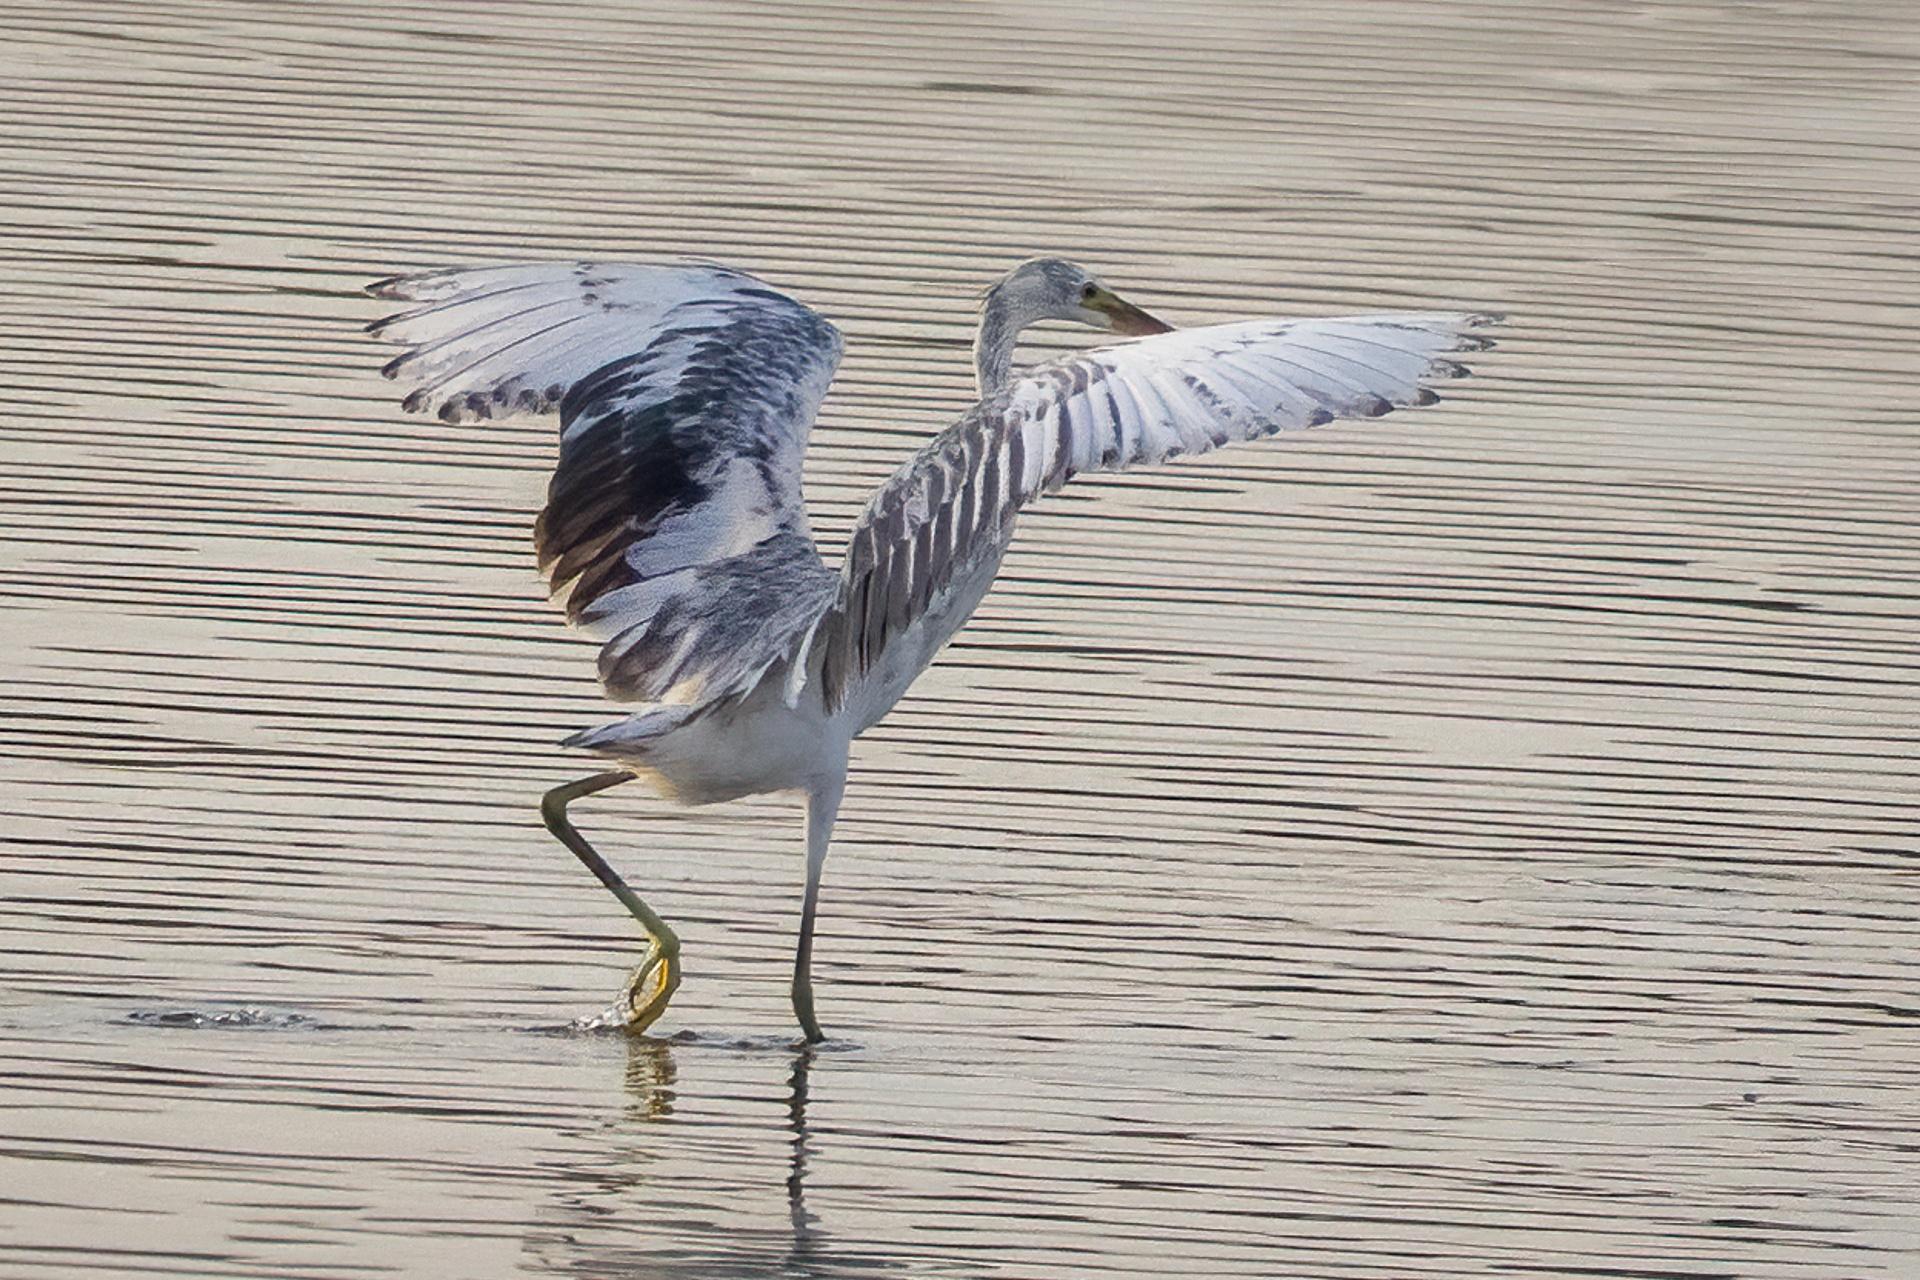 Egret running across rippled water